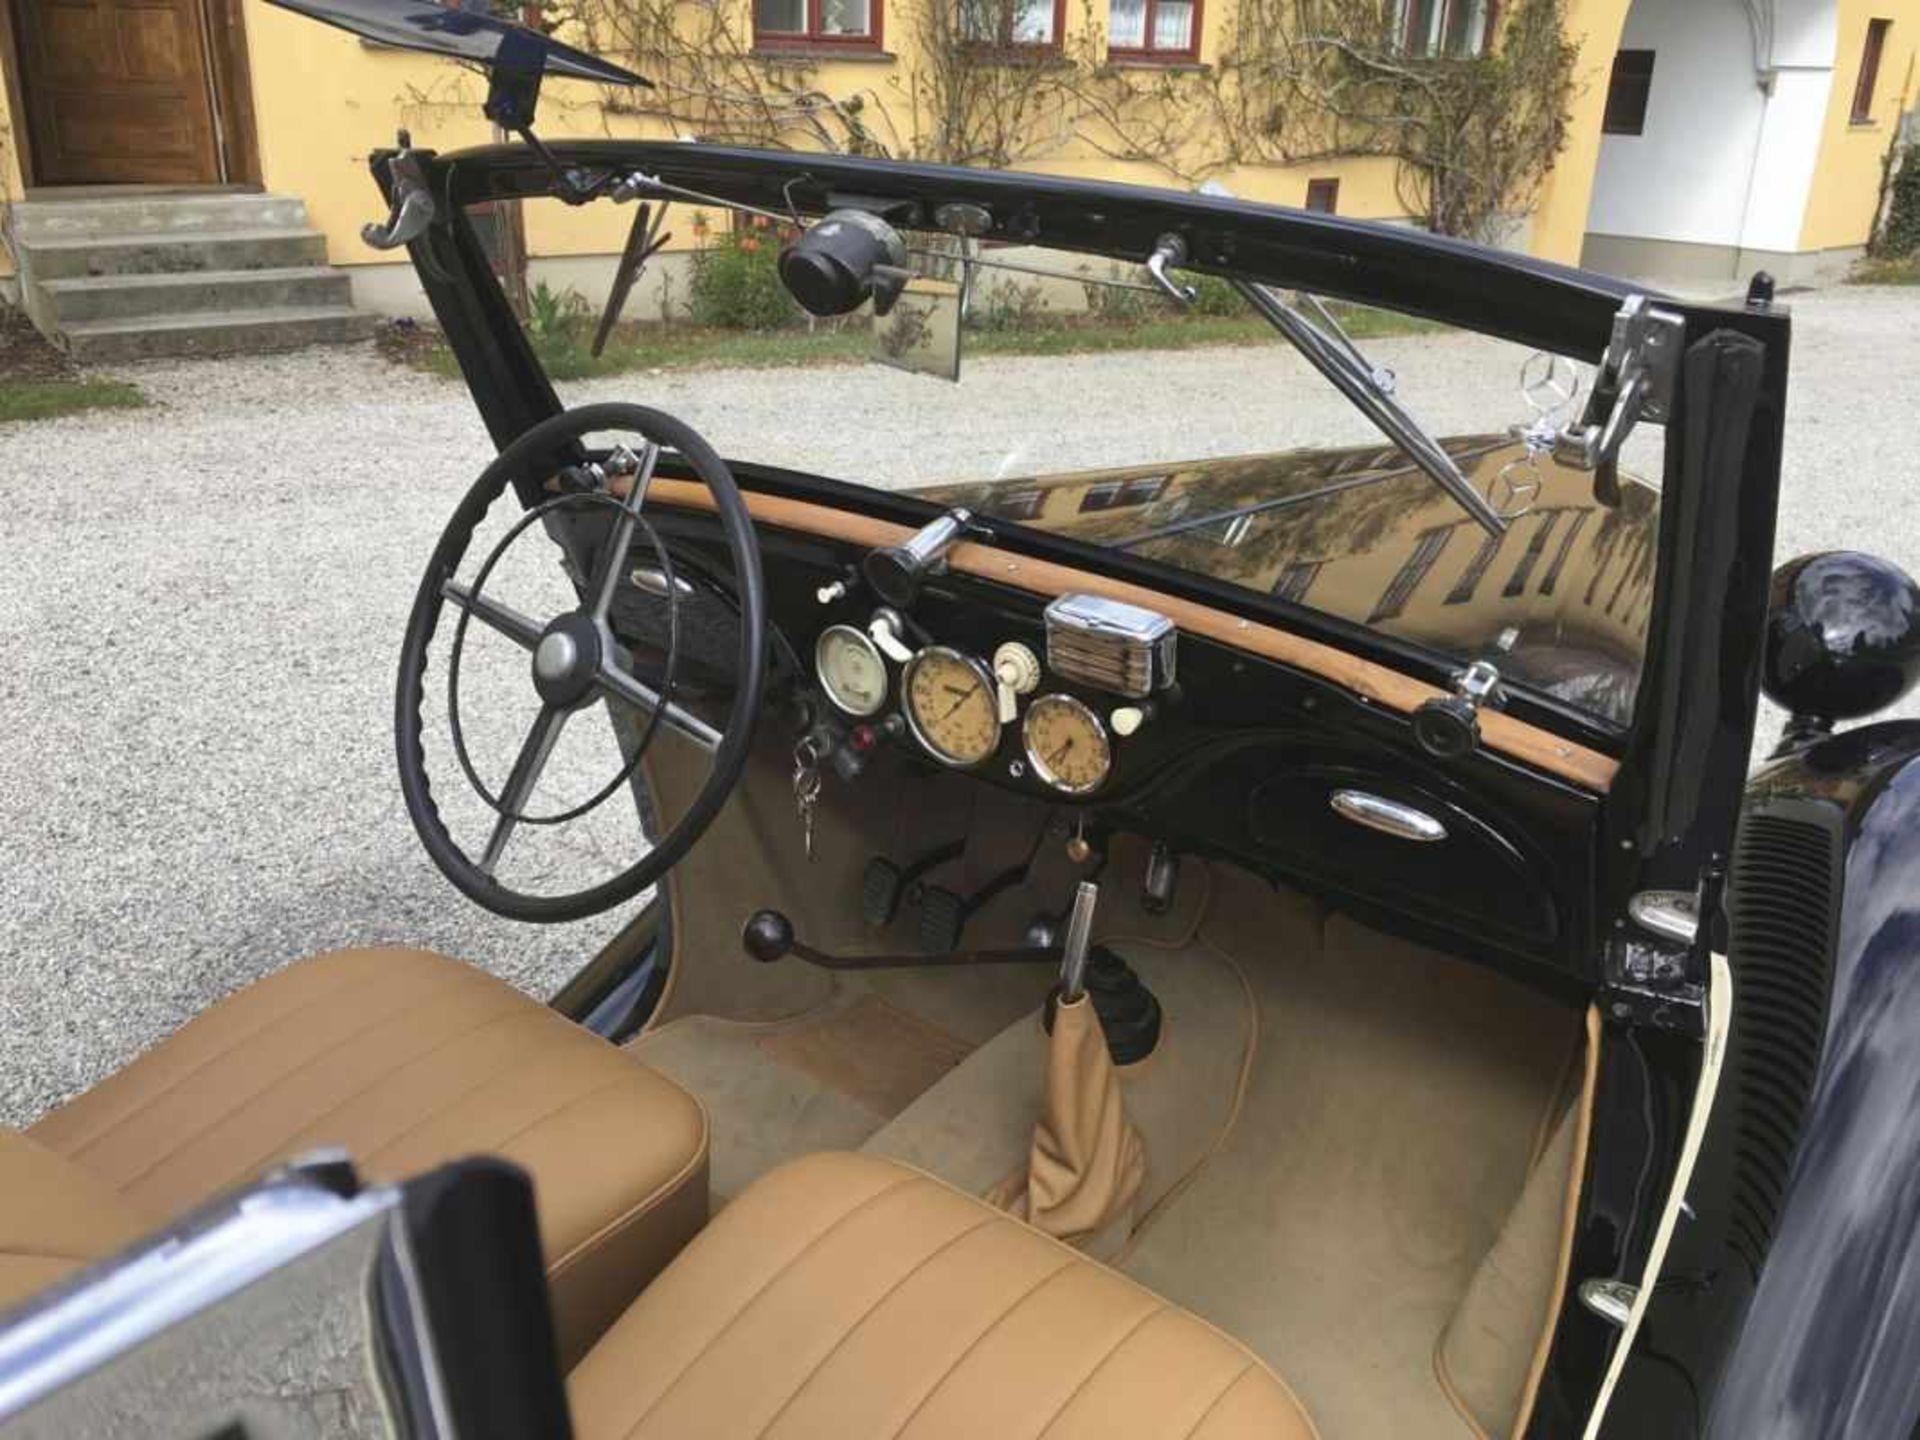 Mercedes Benz Type 170 VW 136 series, Cabriolet 2-door, four-cylinder, 1,697 cc Year of construction - Bild 12 aus 14